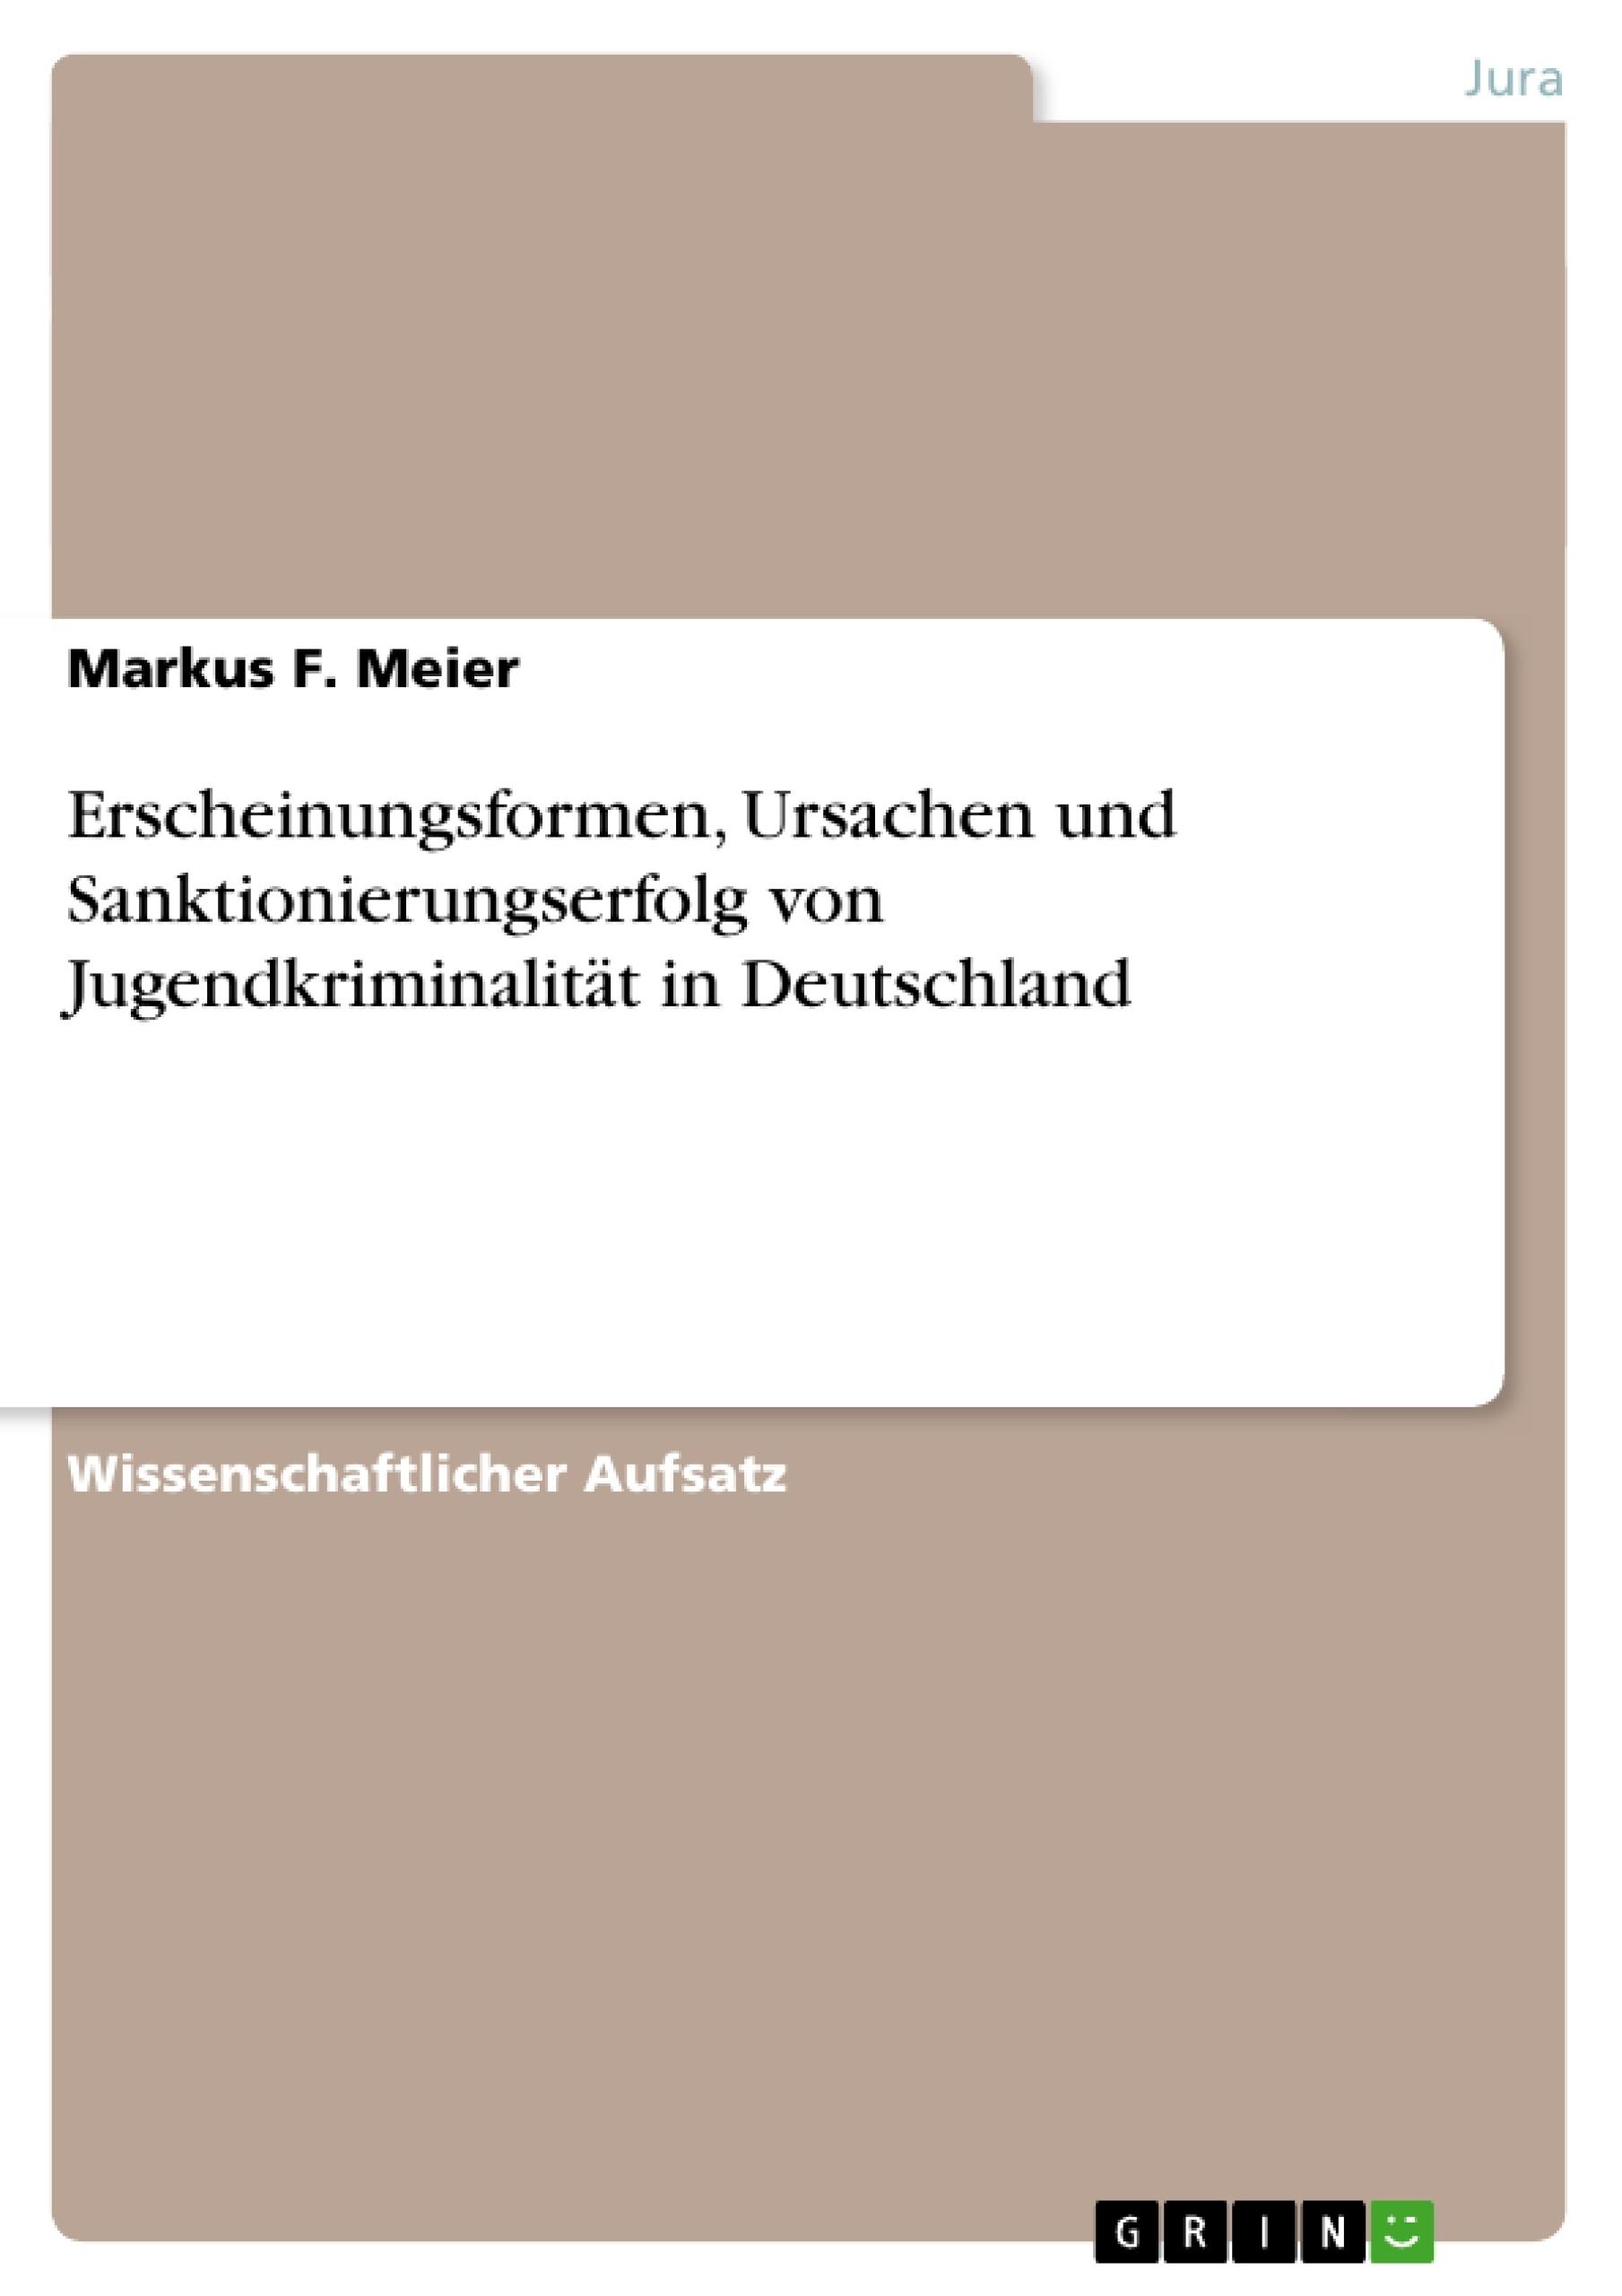 Titel: Erscheinungsformen, Ursachen und Sanktionierungserfolg von Jugendkriminalität in Deutschland